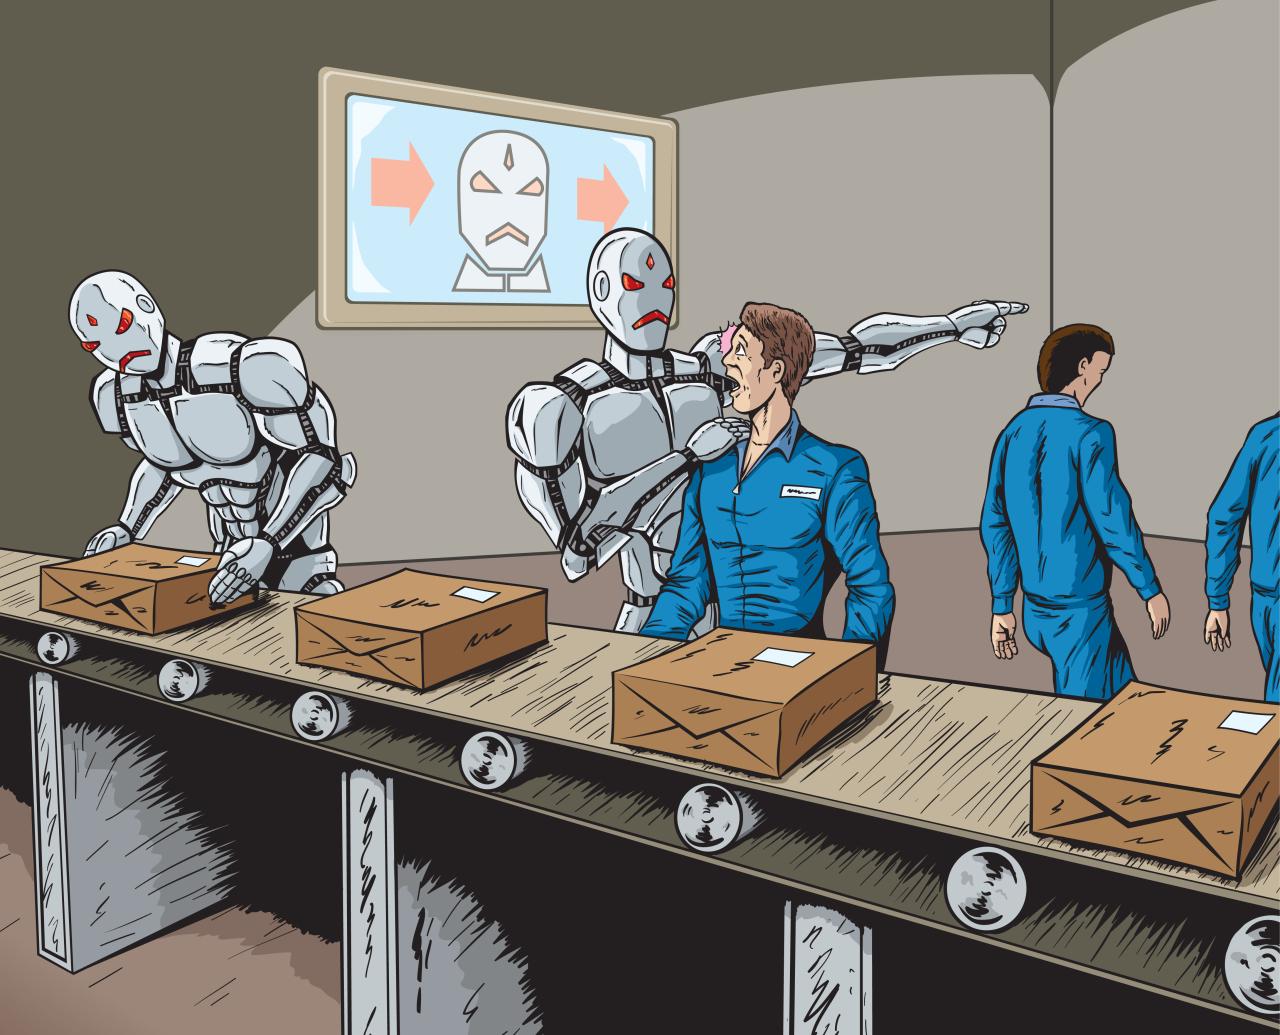 «При капитализме мало стимулов для автоматизации производства» — интервью с левым информатиком Полом Кокшоттом